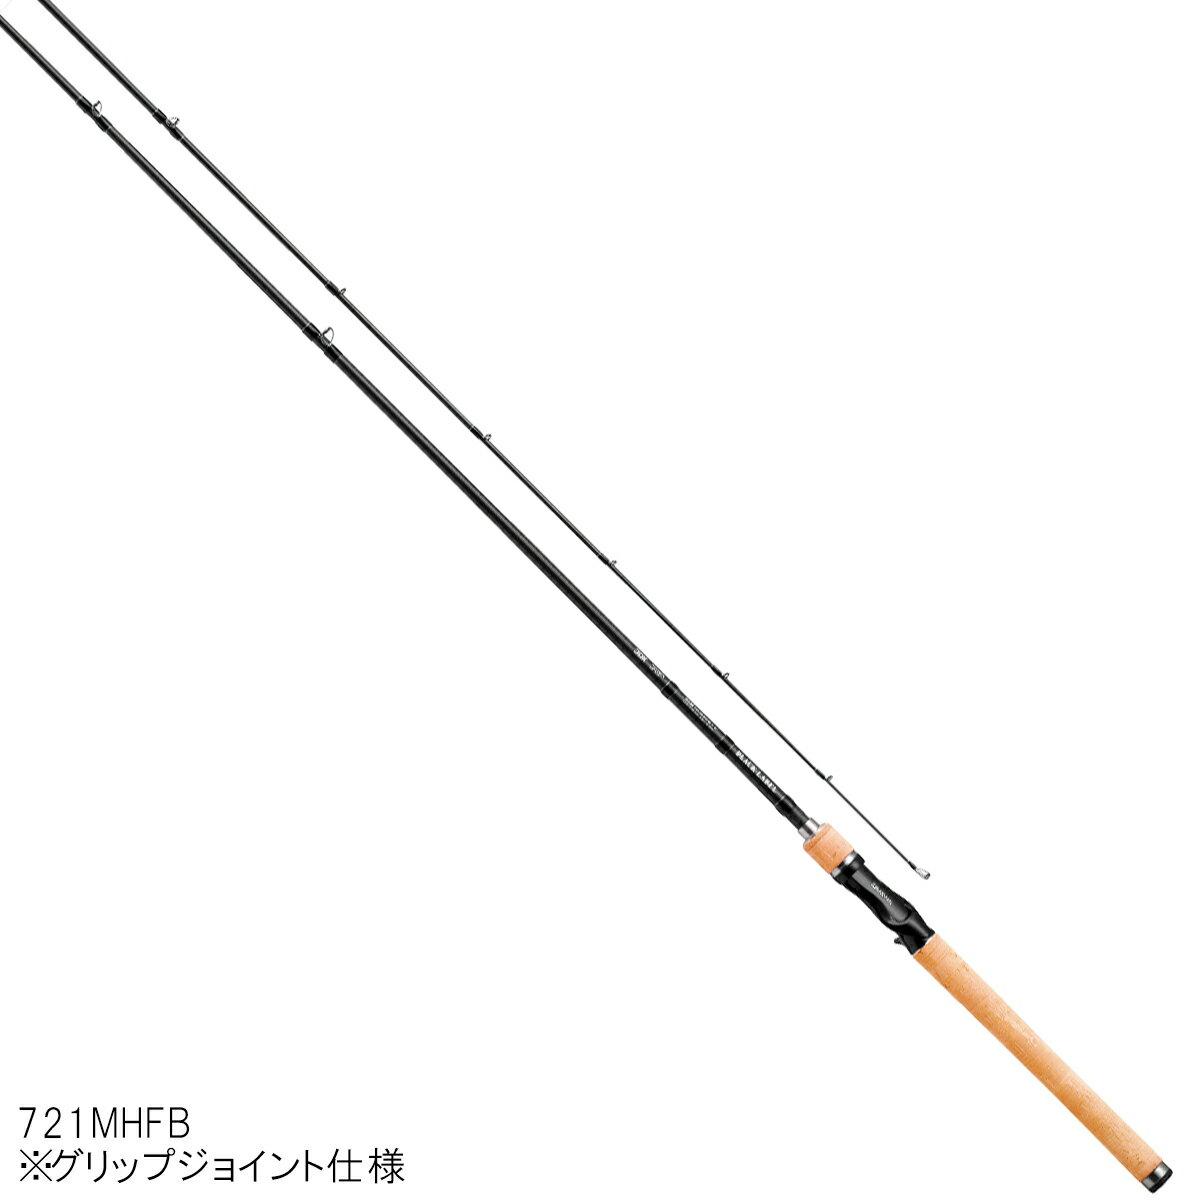 ダイワ ブラックレーベル+ ベイトキャスティングモデル 721MHFB【大型商品】(東日本店)